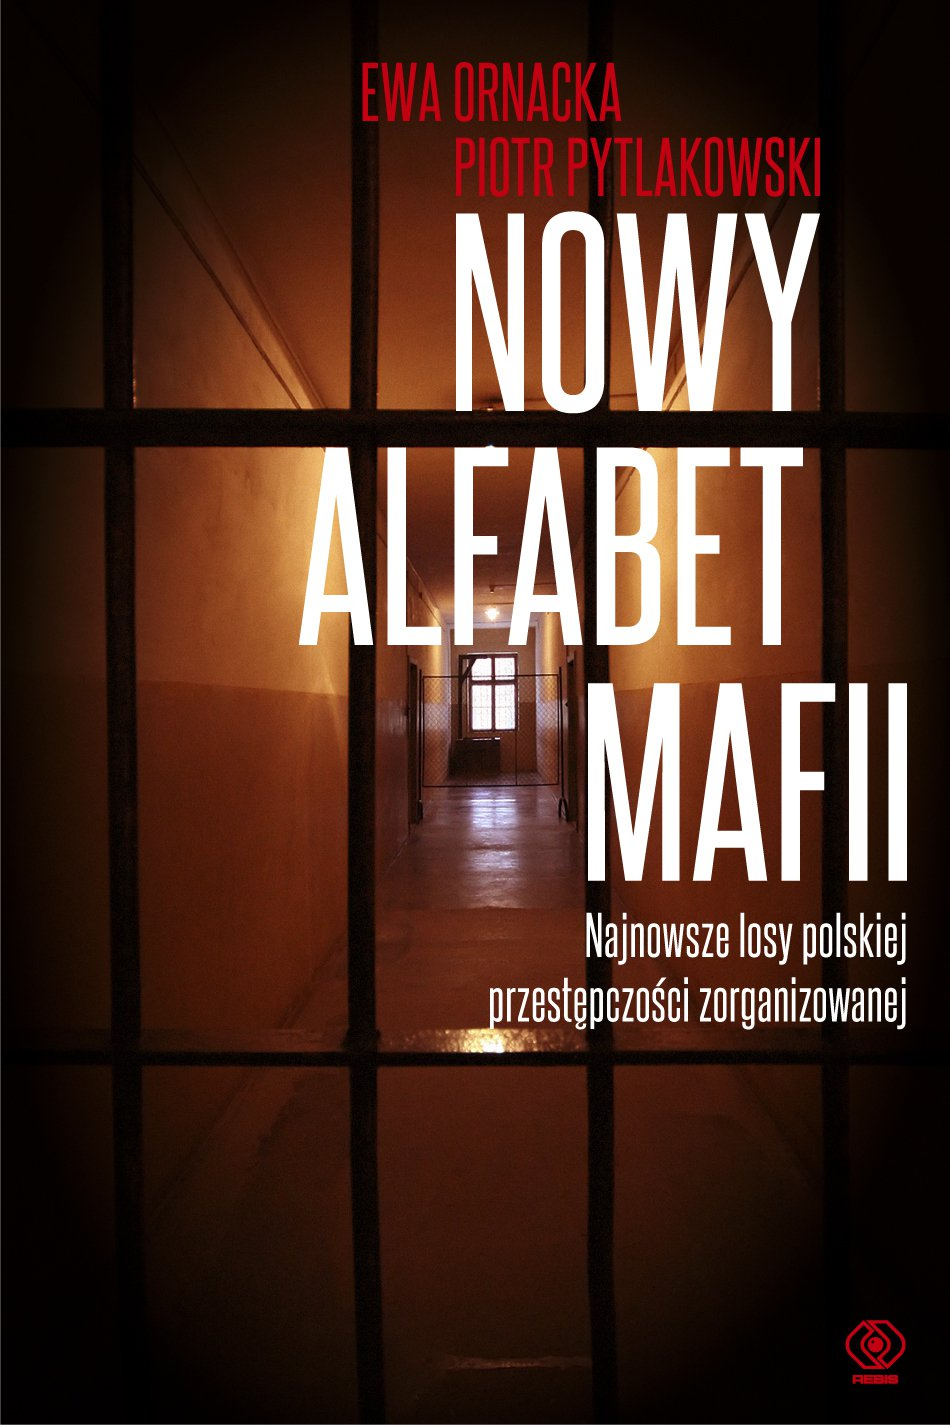 Nowy alfabet mafii - Ebook (Książka na Kindle) do pobrania w formacie MOBI